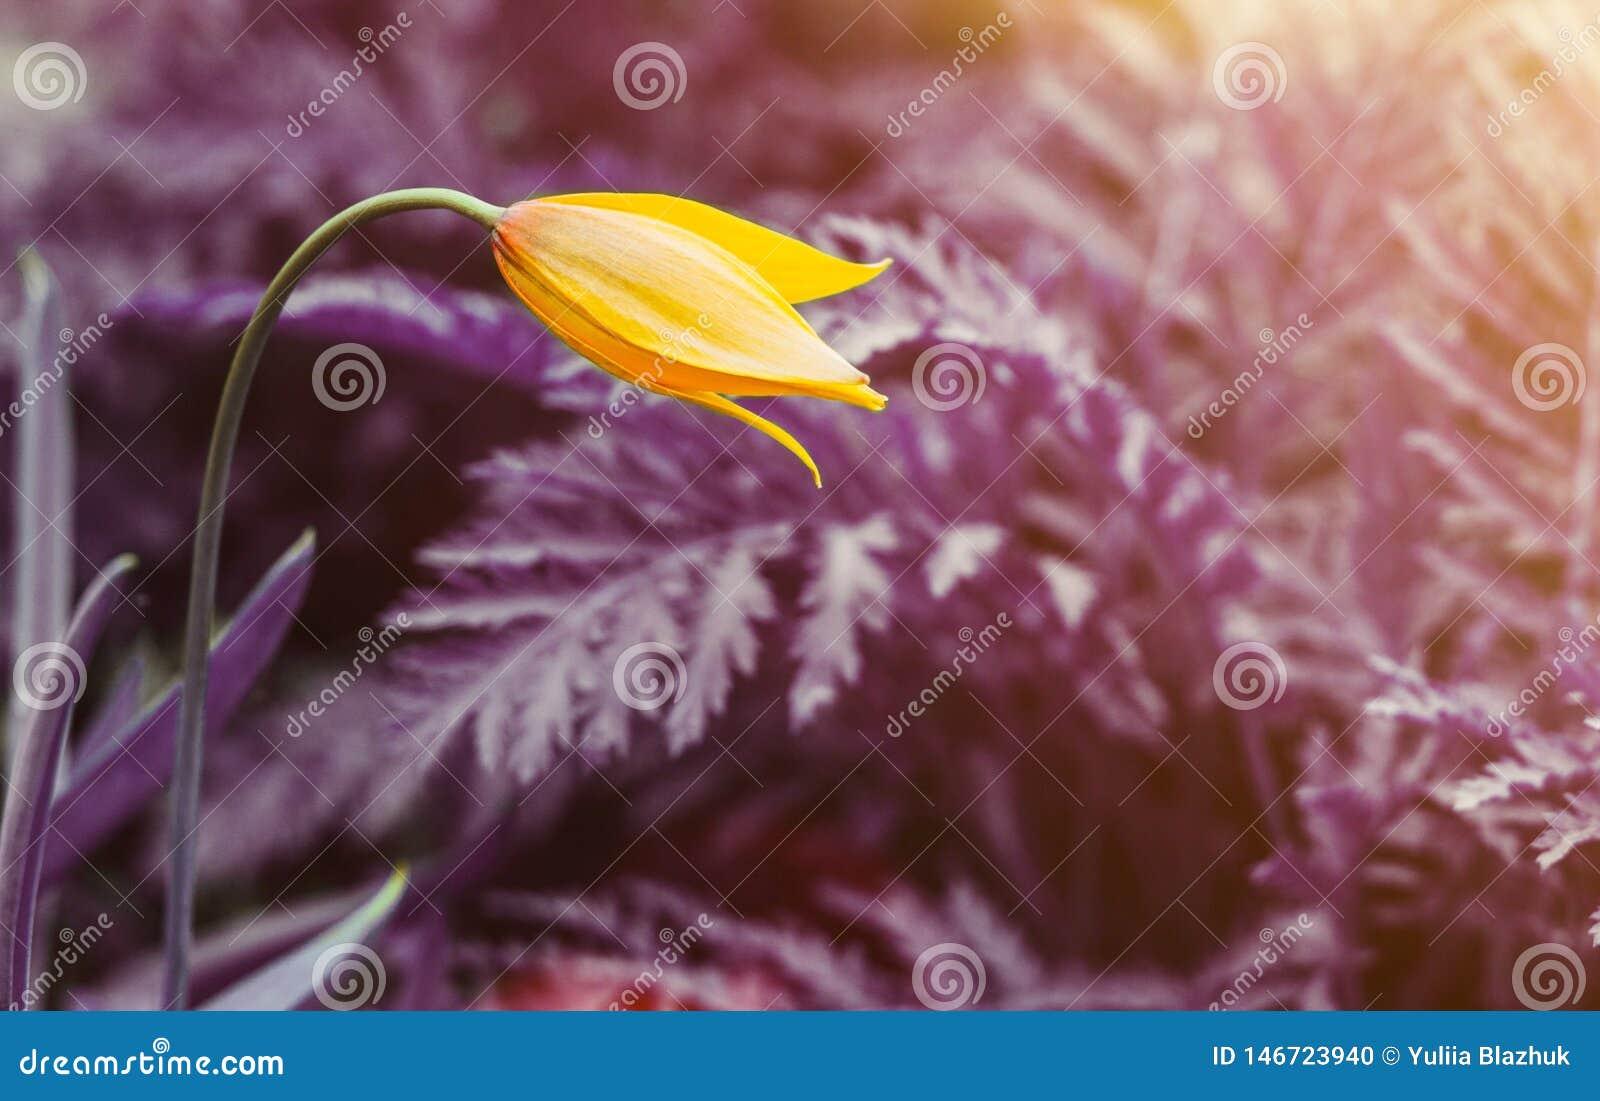 反对超现实的紫色背景的一黄色野生郁金香